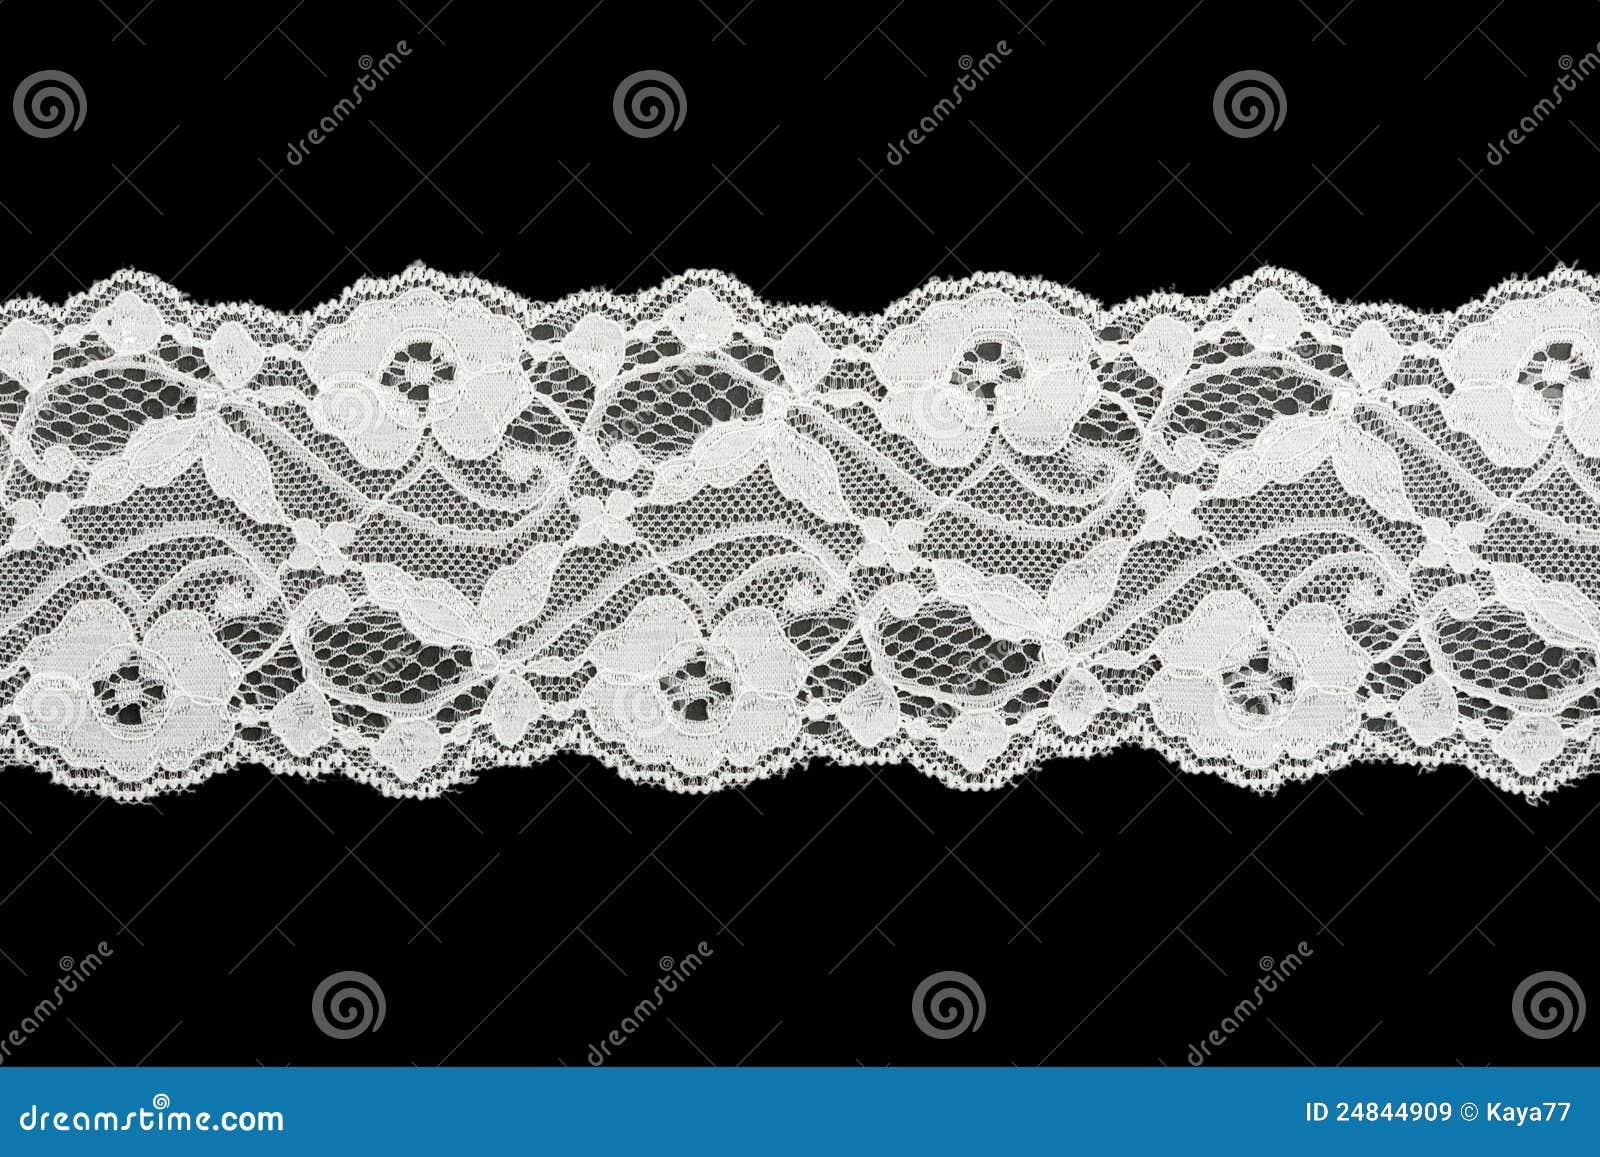 white lace on black background stock image image 24844909